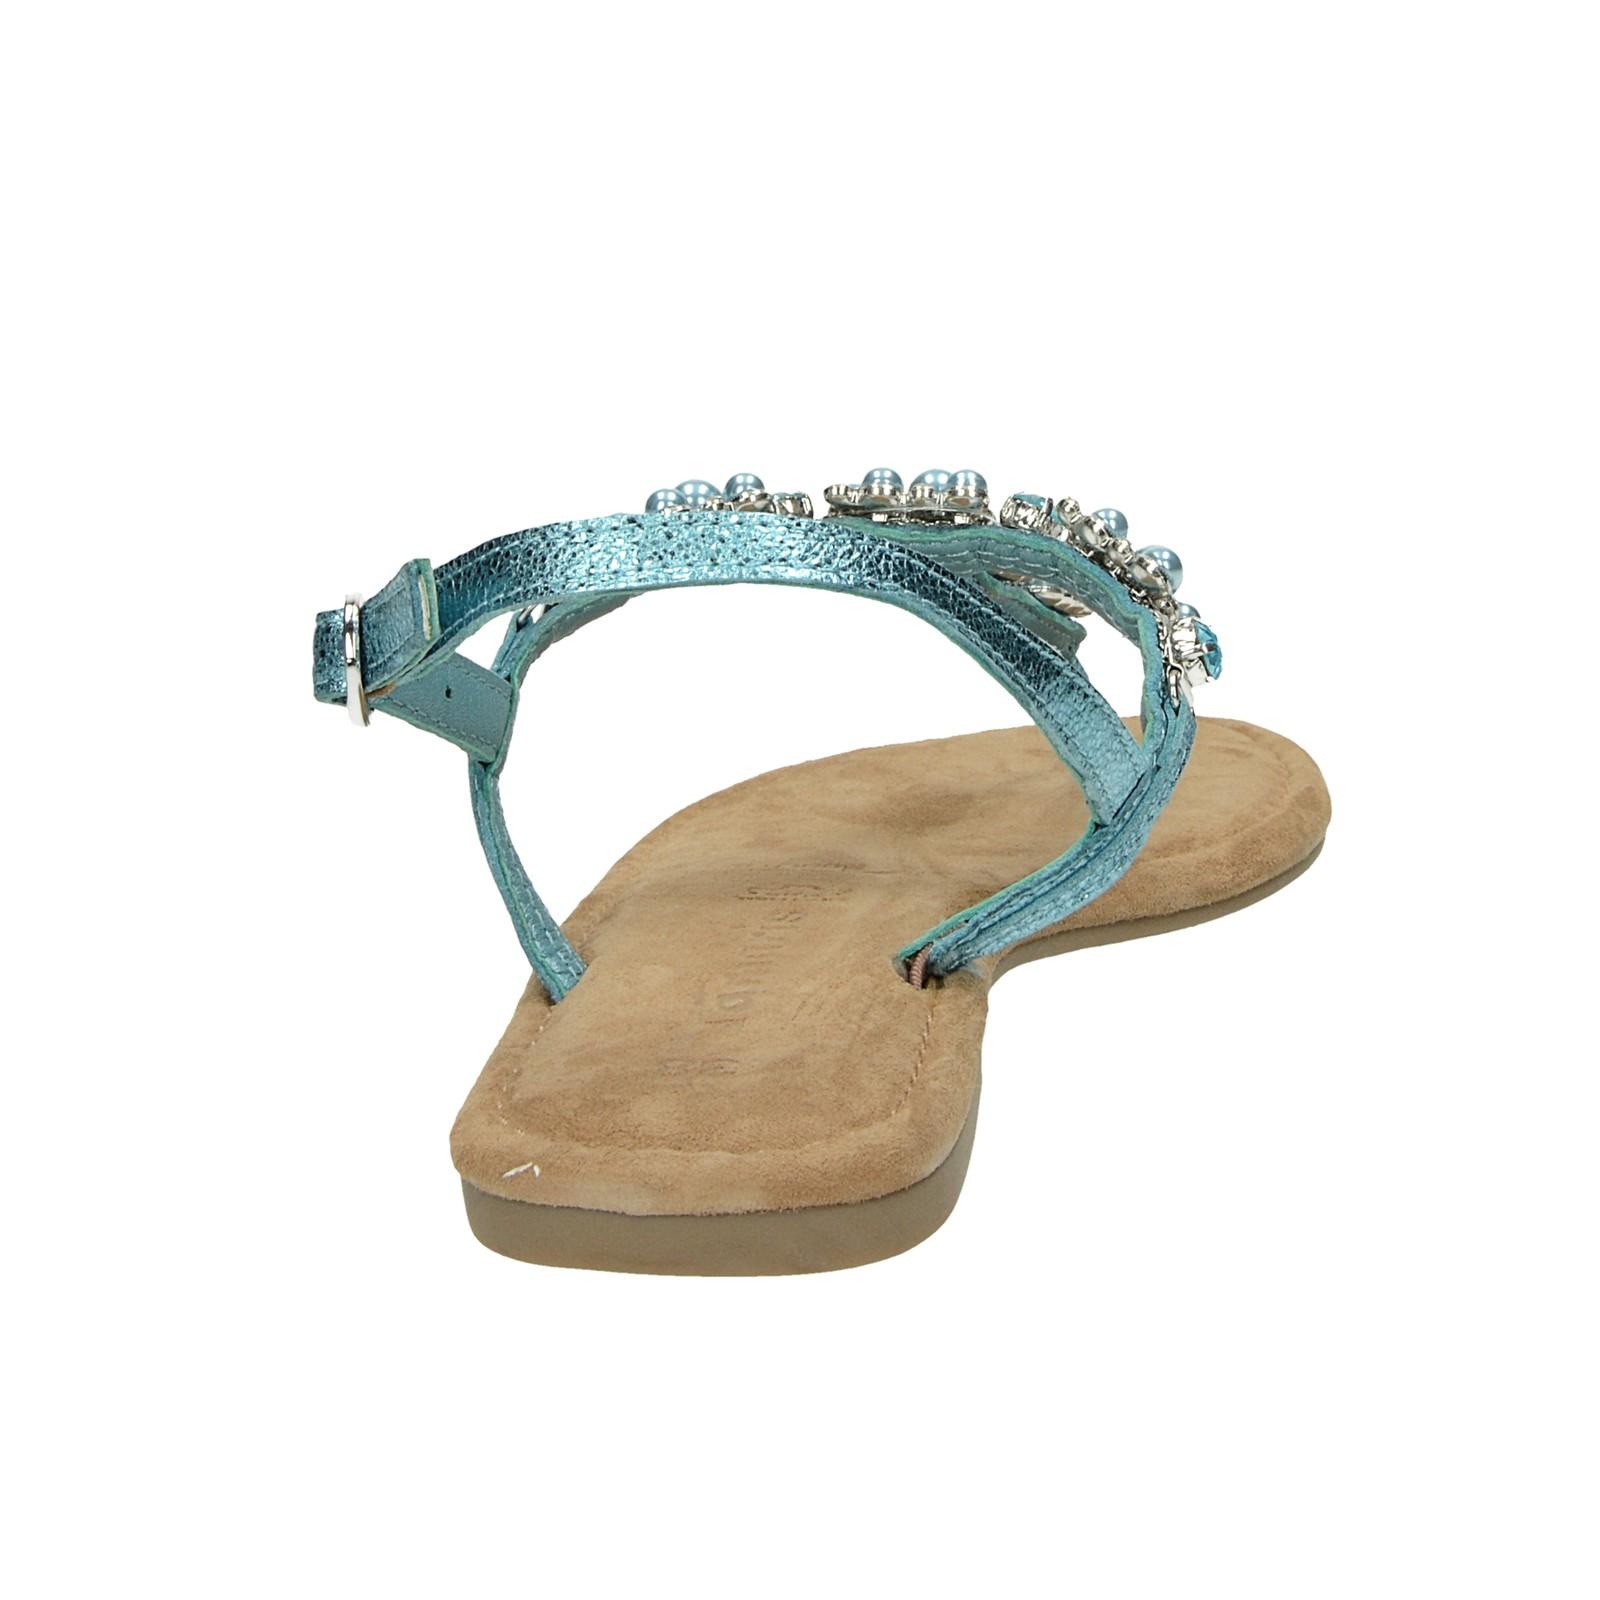 Tamaris dámske elegantné sandále s ozdobnými prvkami - zelené